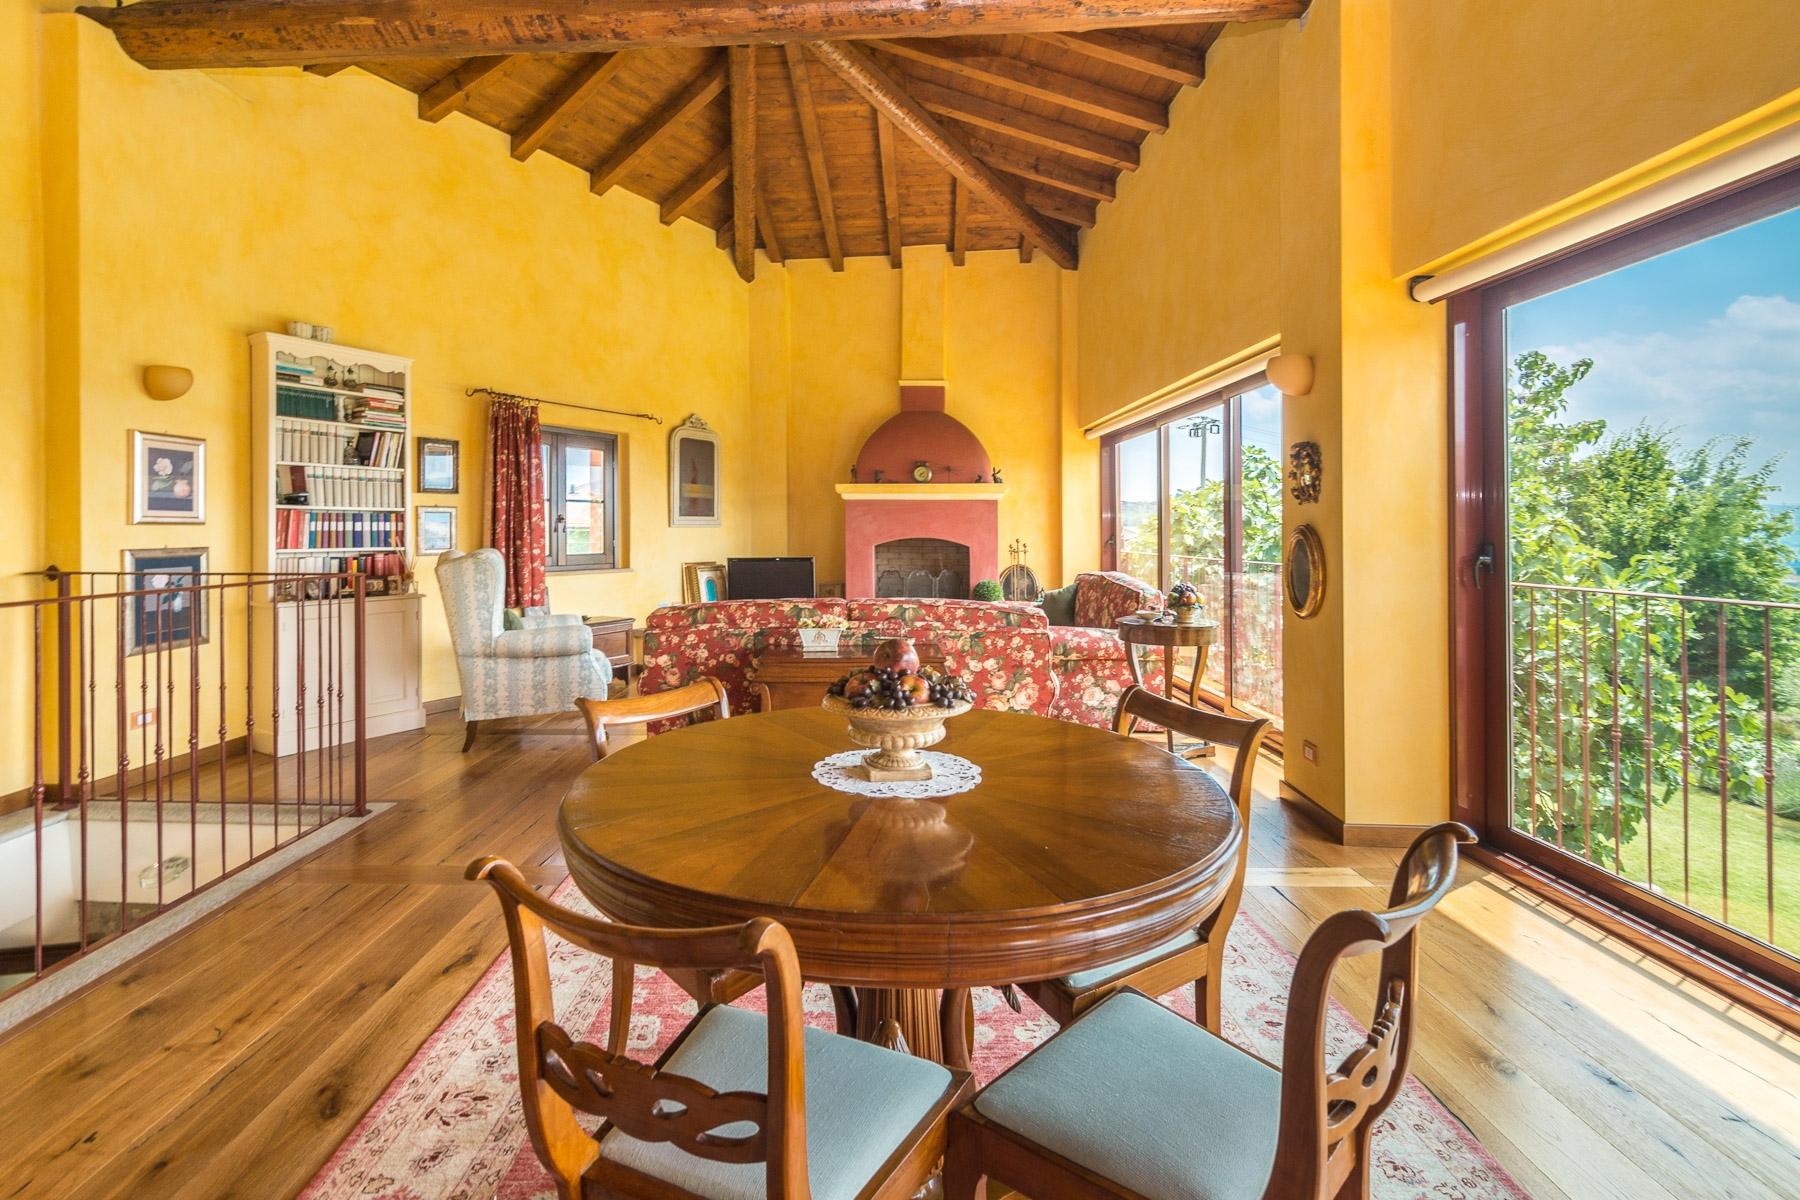 Casa indipendente in Vendita a Ziano Piacentino: 5 locali, 260 mq - Foto 19